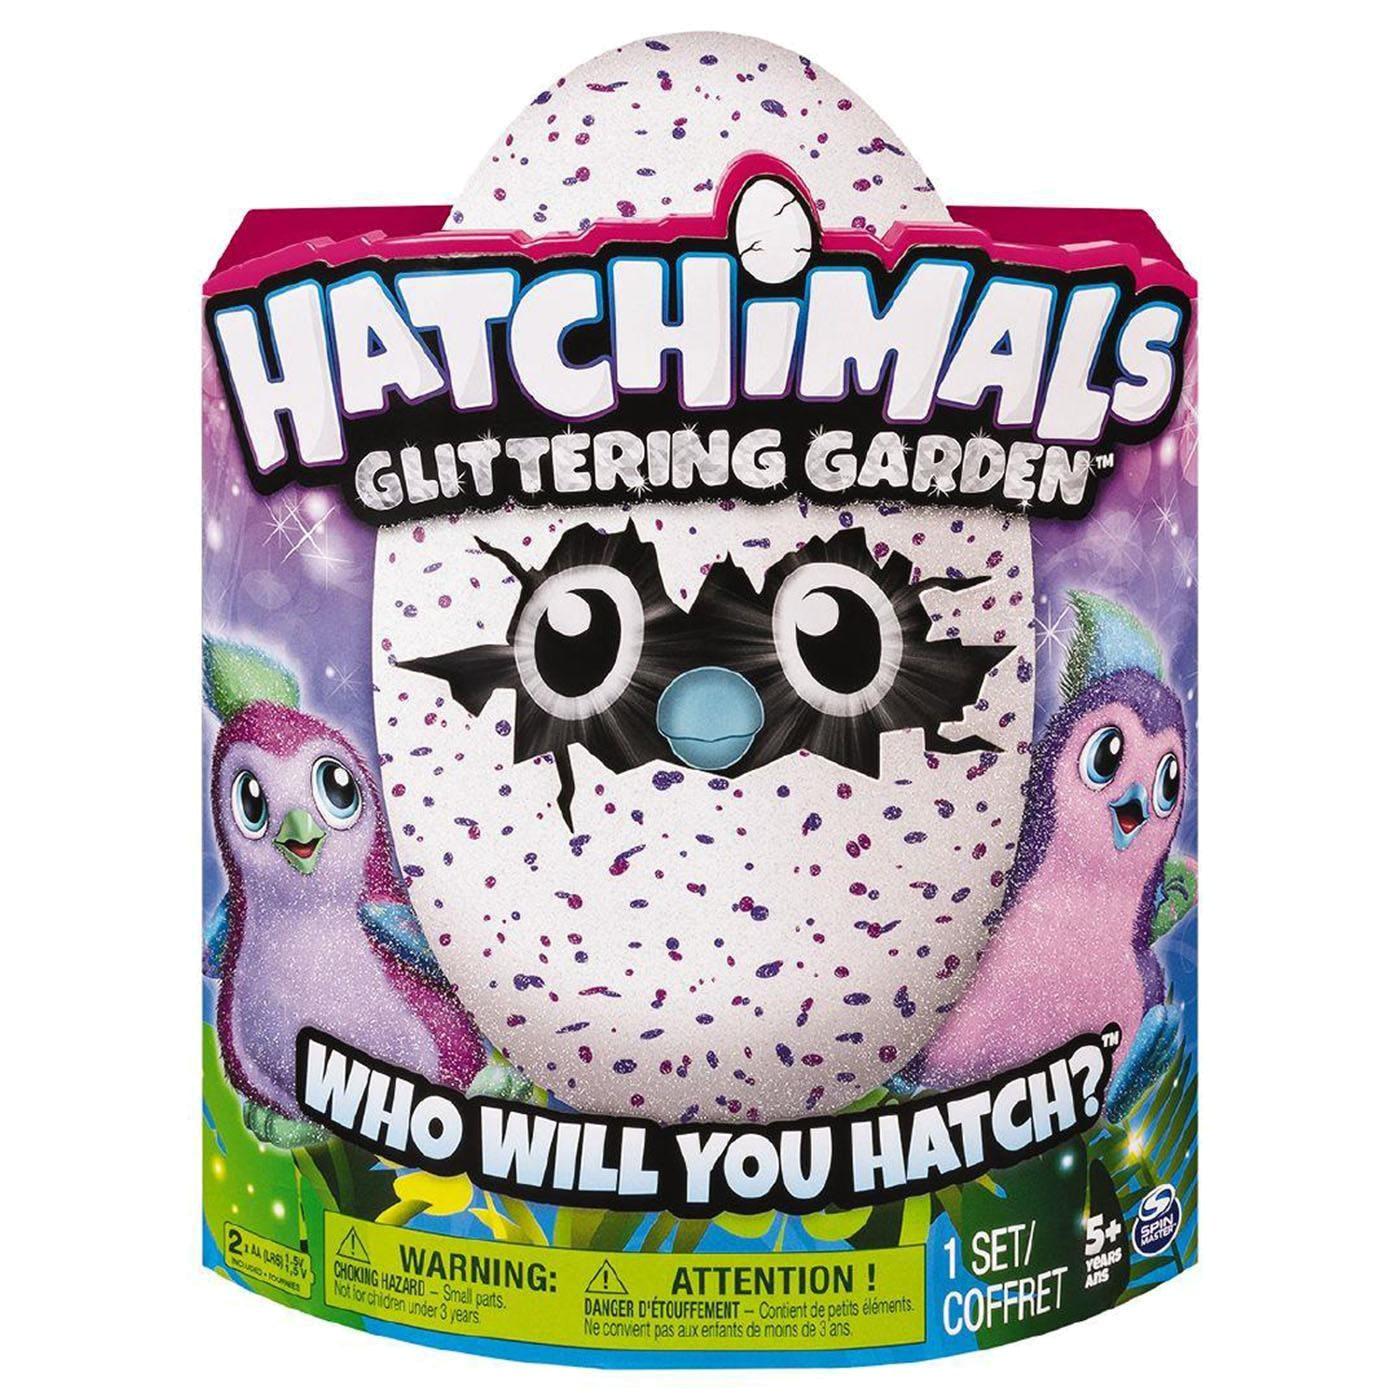 HATCHIMALS GLITTERING-GARDEN